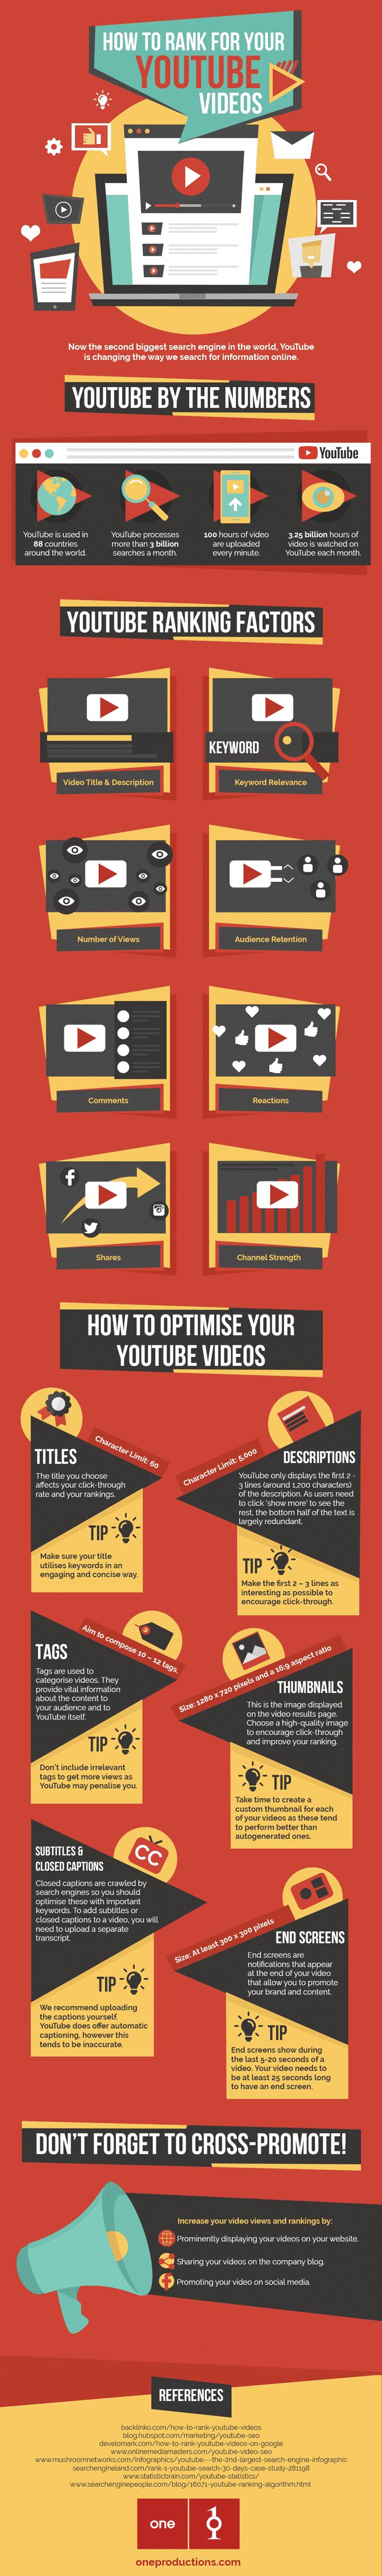 positionner-video-youtube